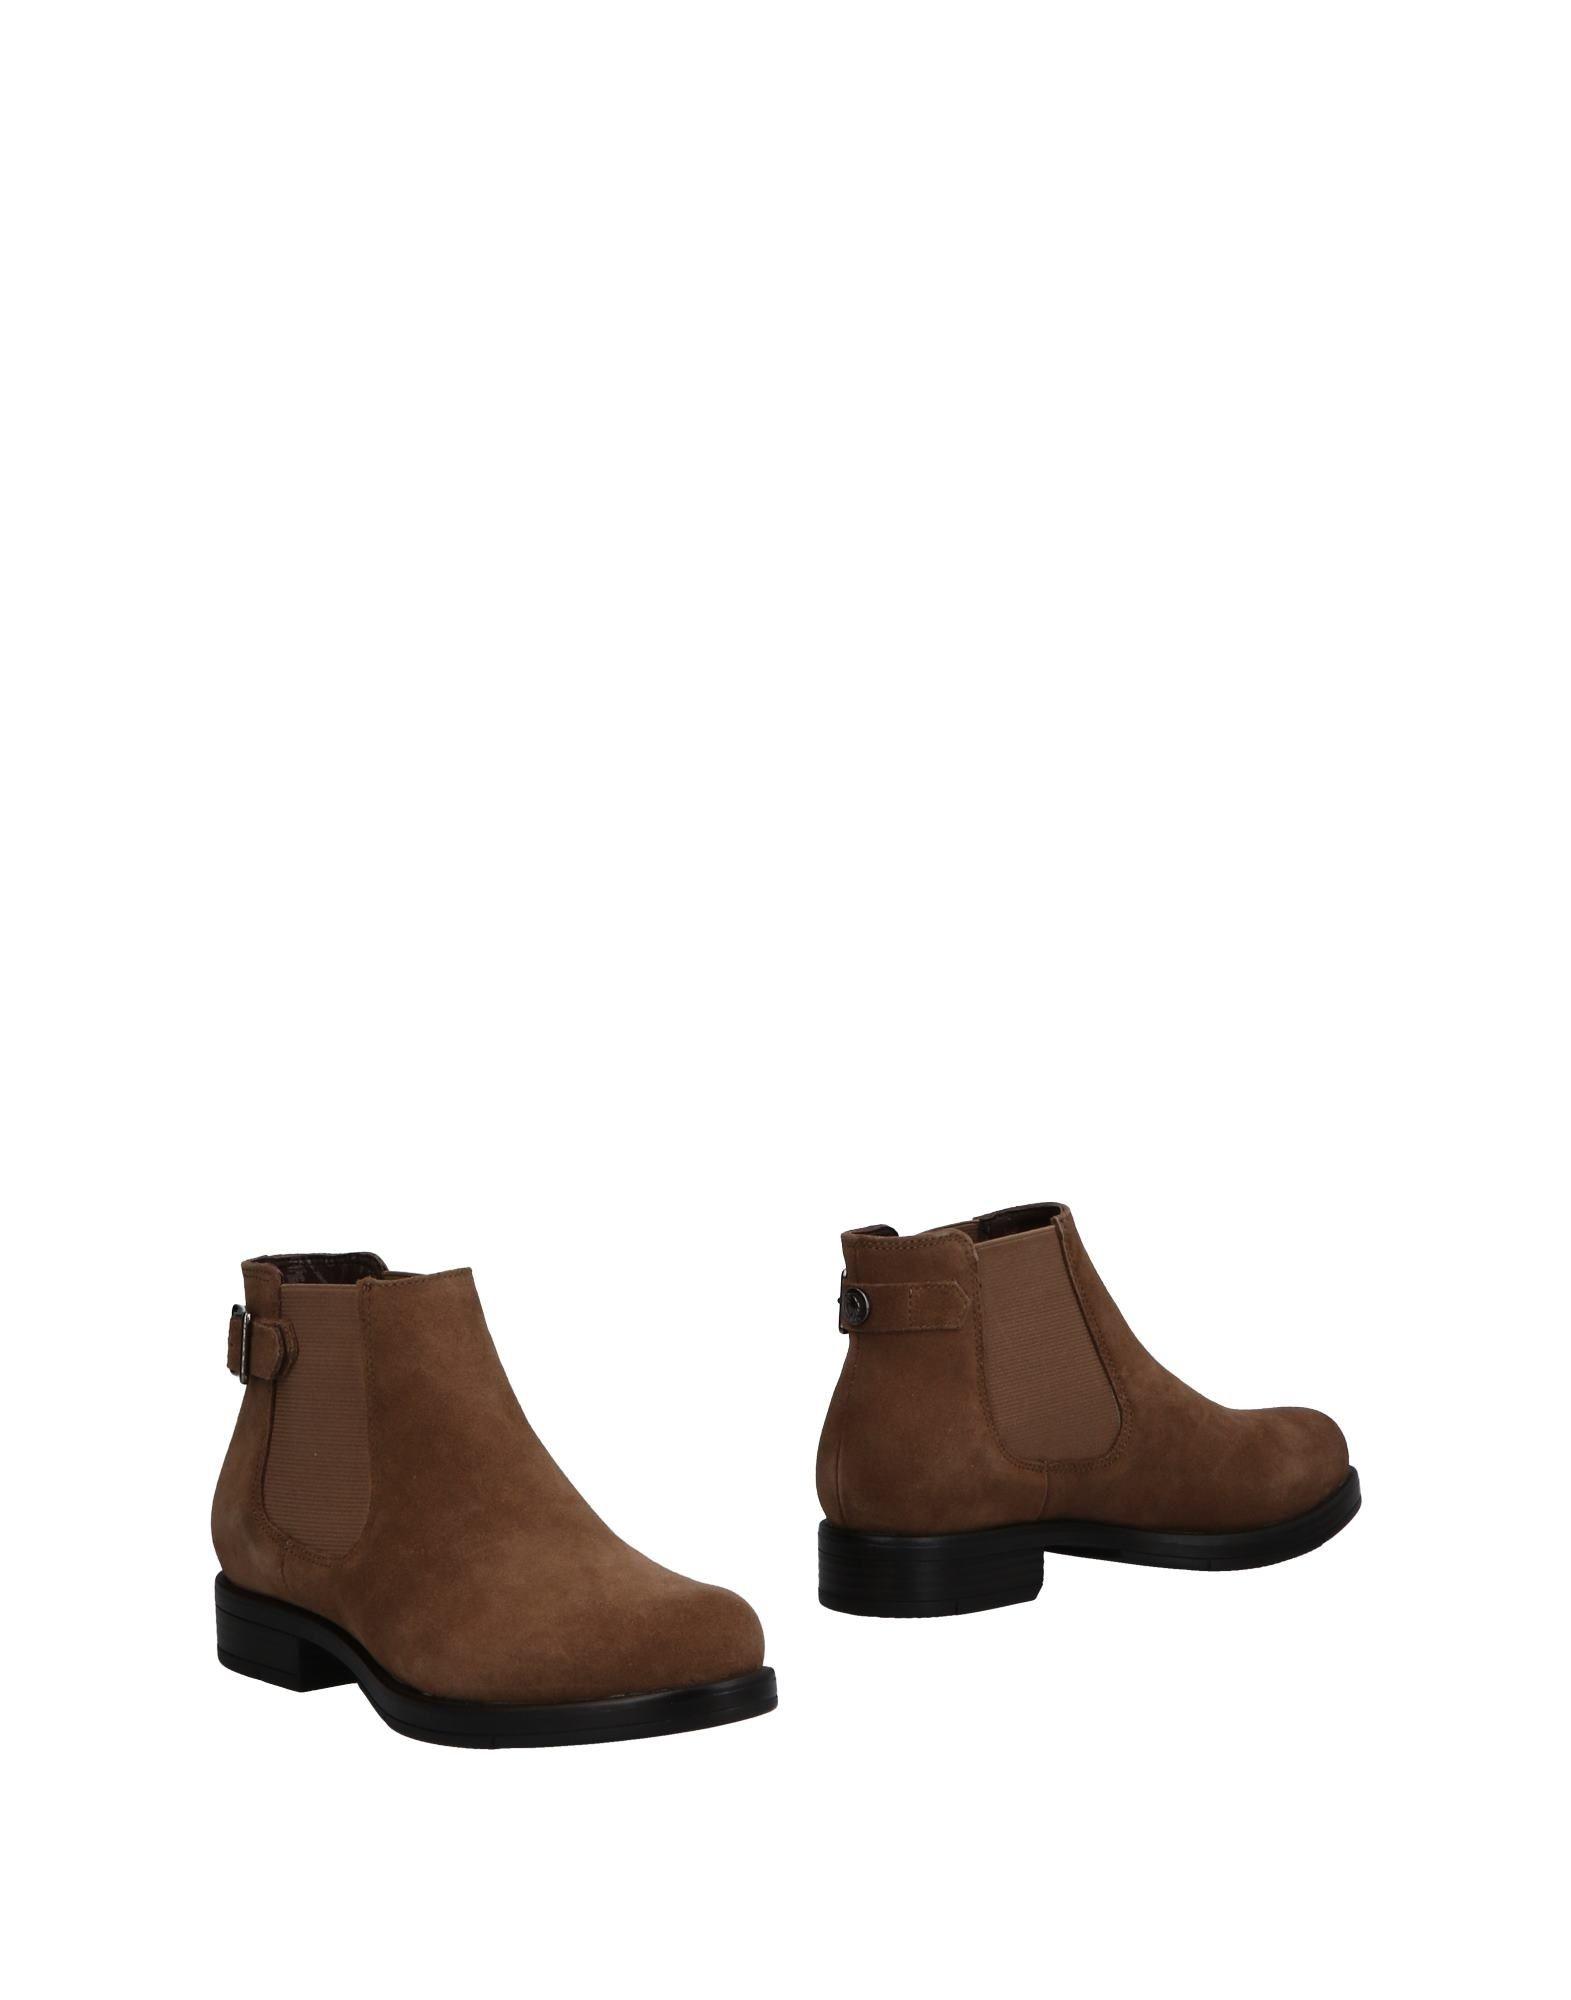 U.S.Polo Assn. Chelsea Boots Damen  11497235JE Gute Qualität Qualität Gute beliebte Schuhe c7fad7